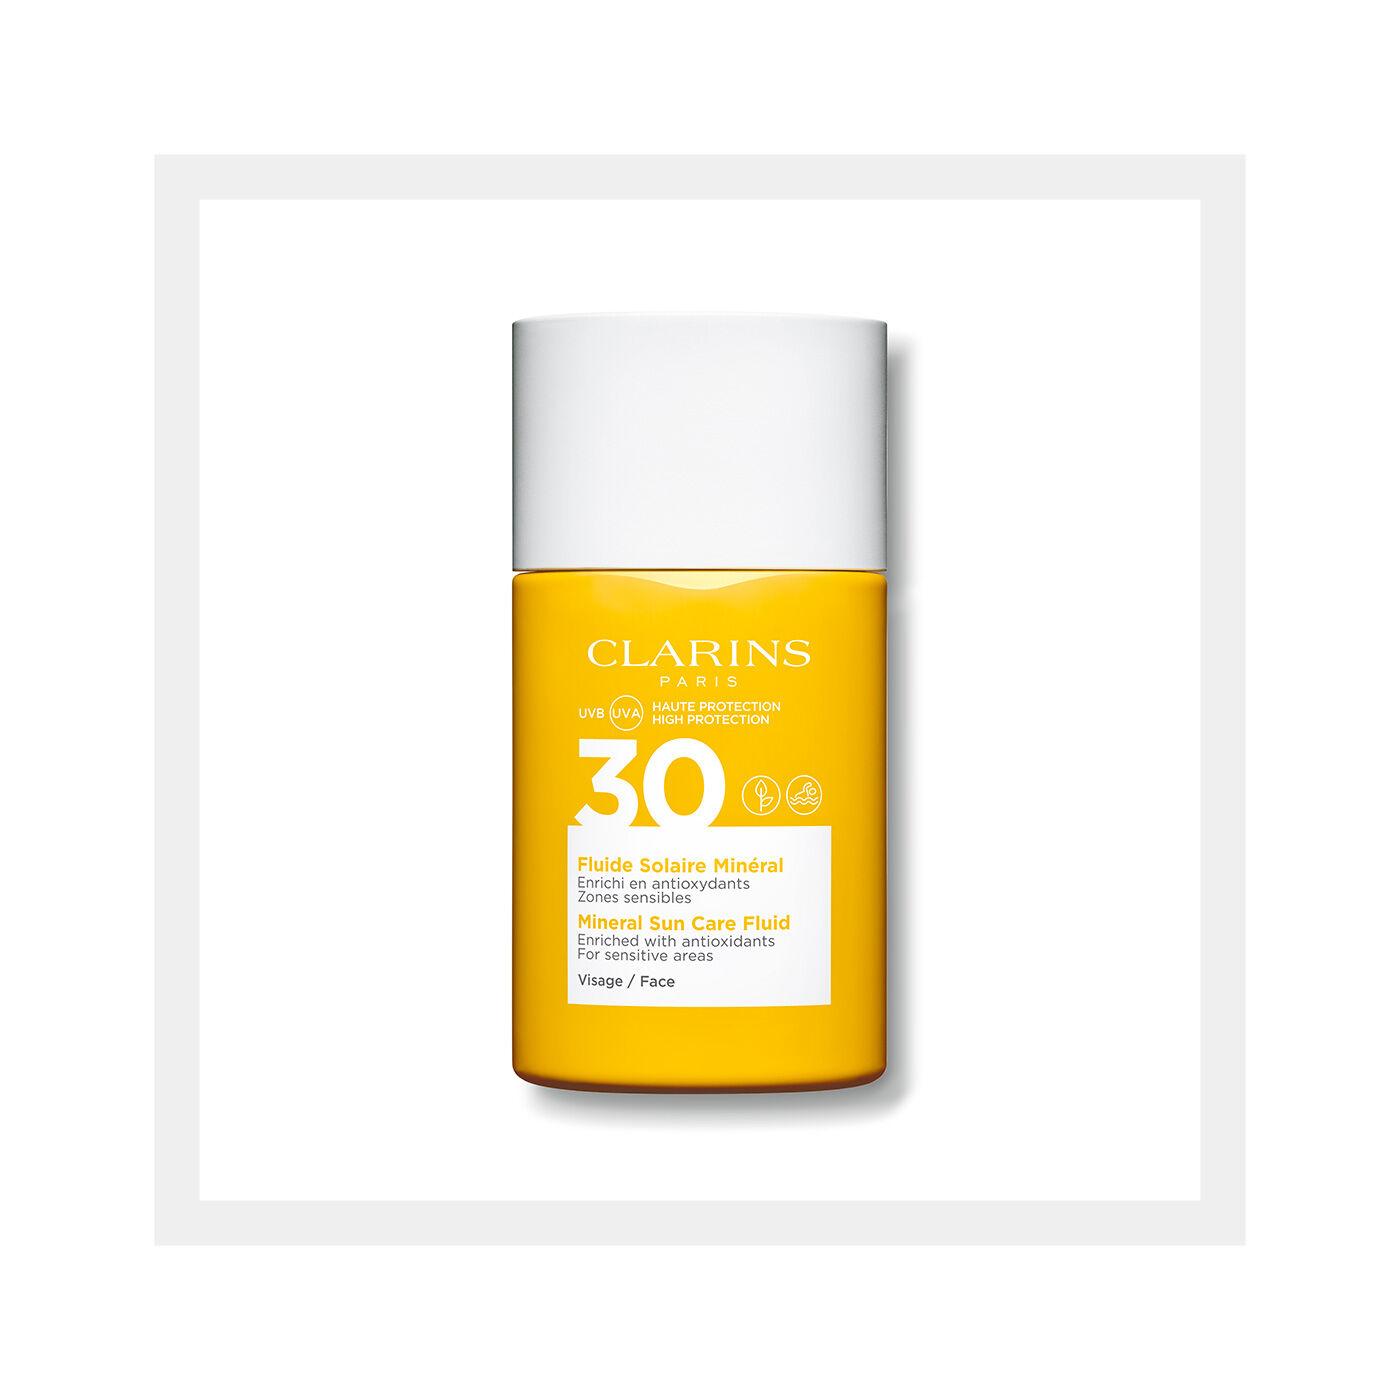 面部礦物防曬乳液 SPF30